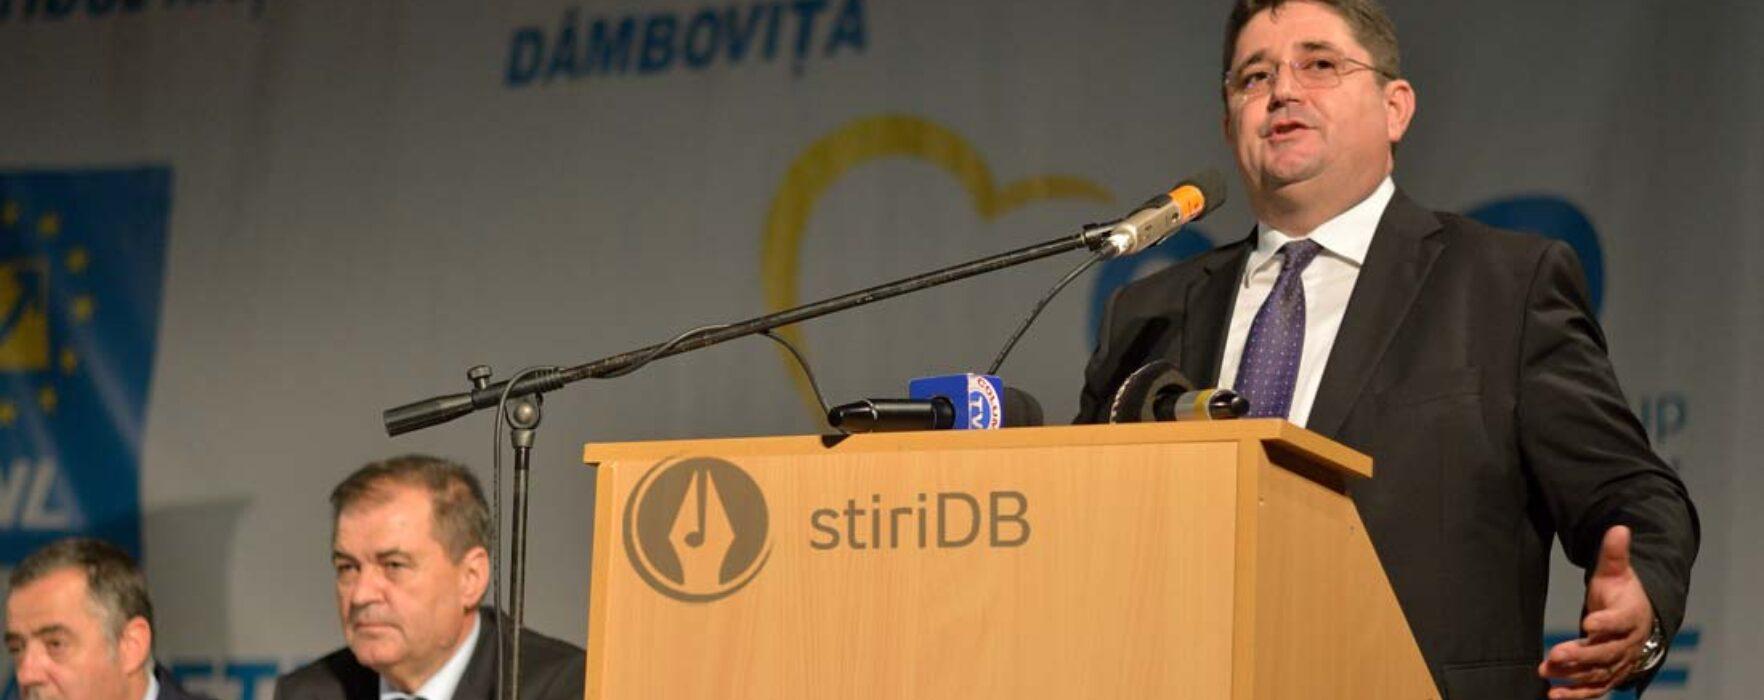 Dâmboviţa: Marius Caraveţeanu a demisionat de la şefia organizaţiei judeţene a PNL